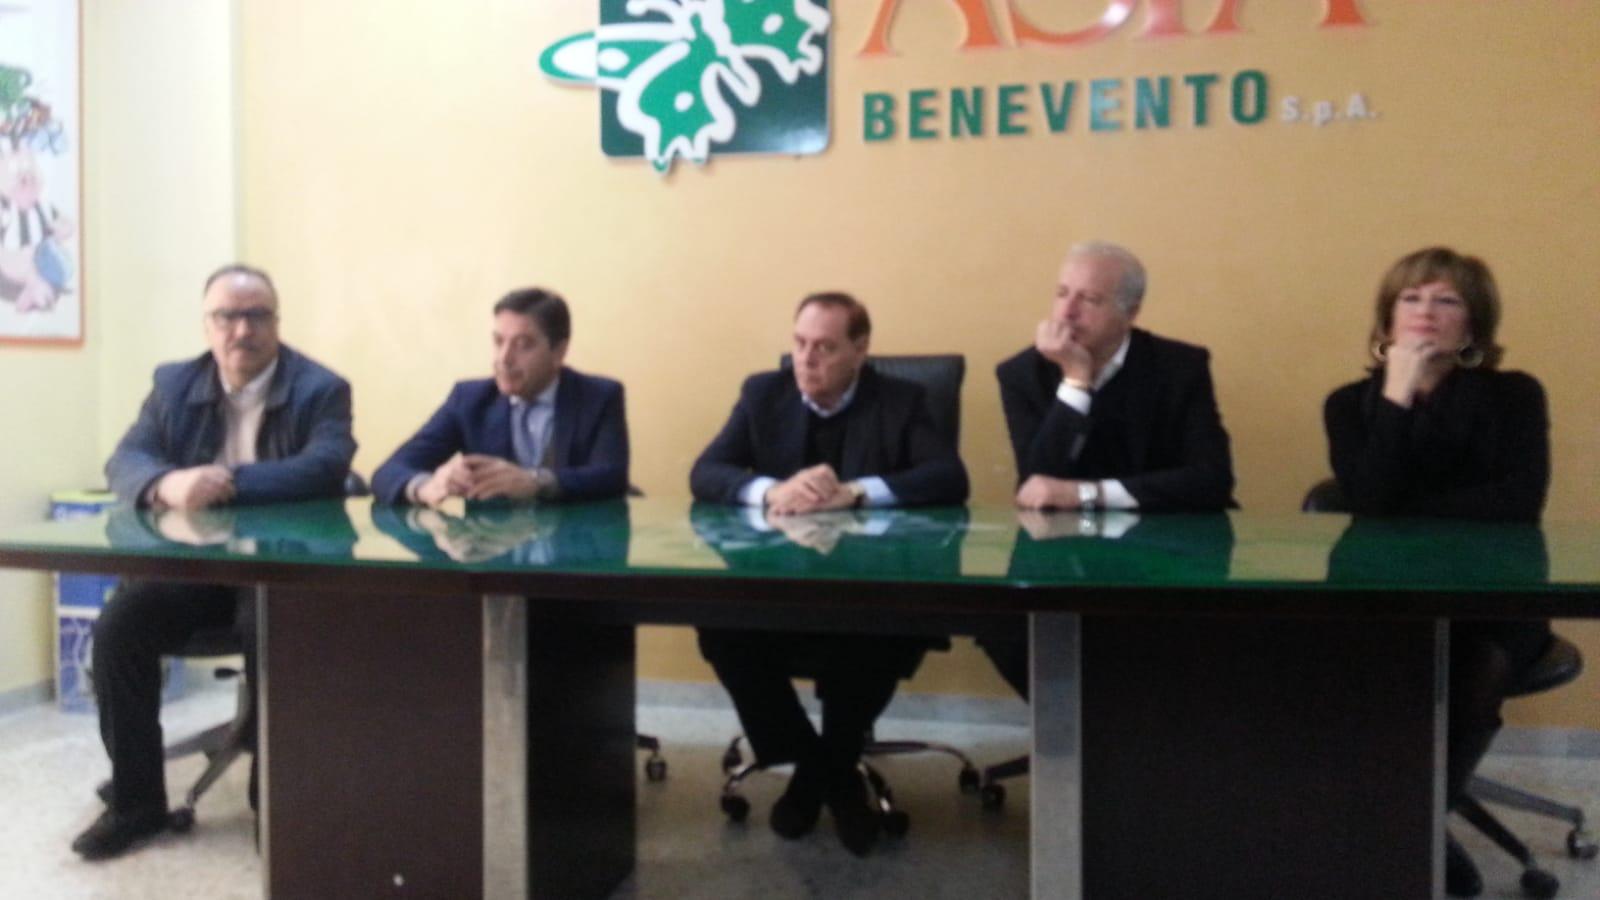 Benevento  Mastella all'Asia: bene su differenziata,via la plastica dagli uffici comunali